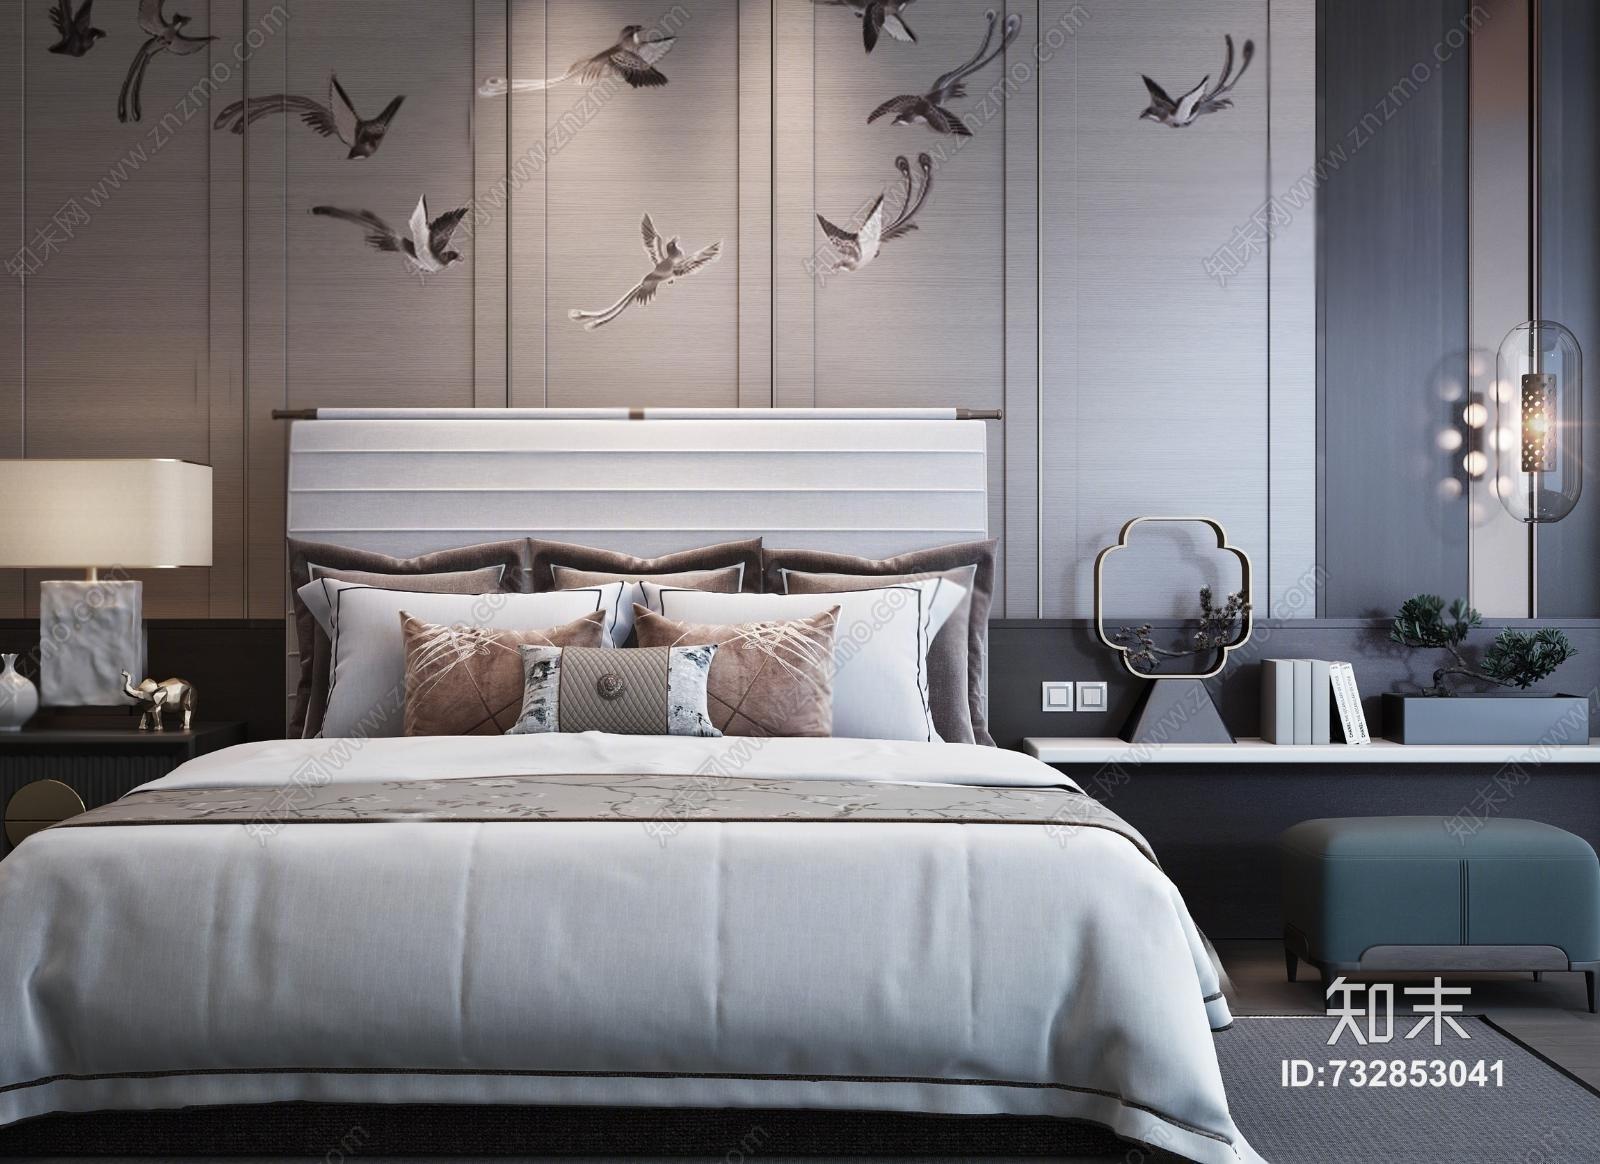 中式新中式双人床 床头柜 台灯 玻璃吊灯